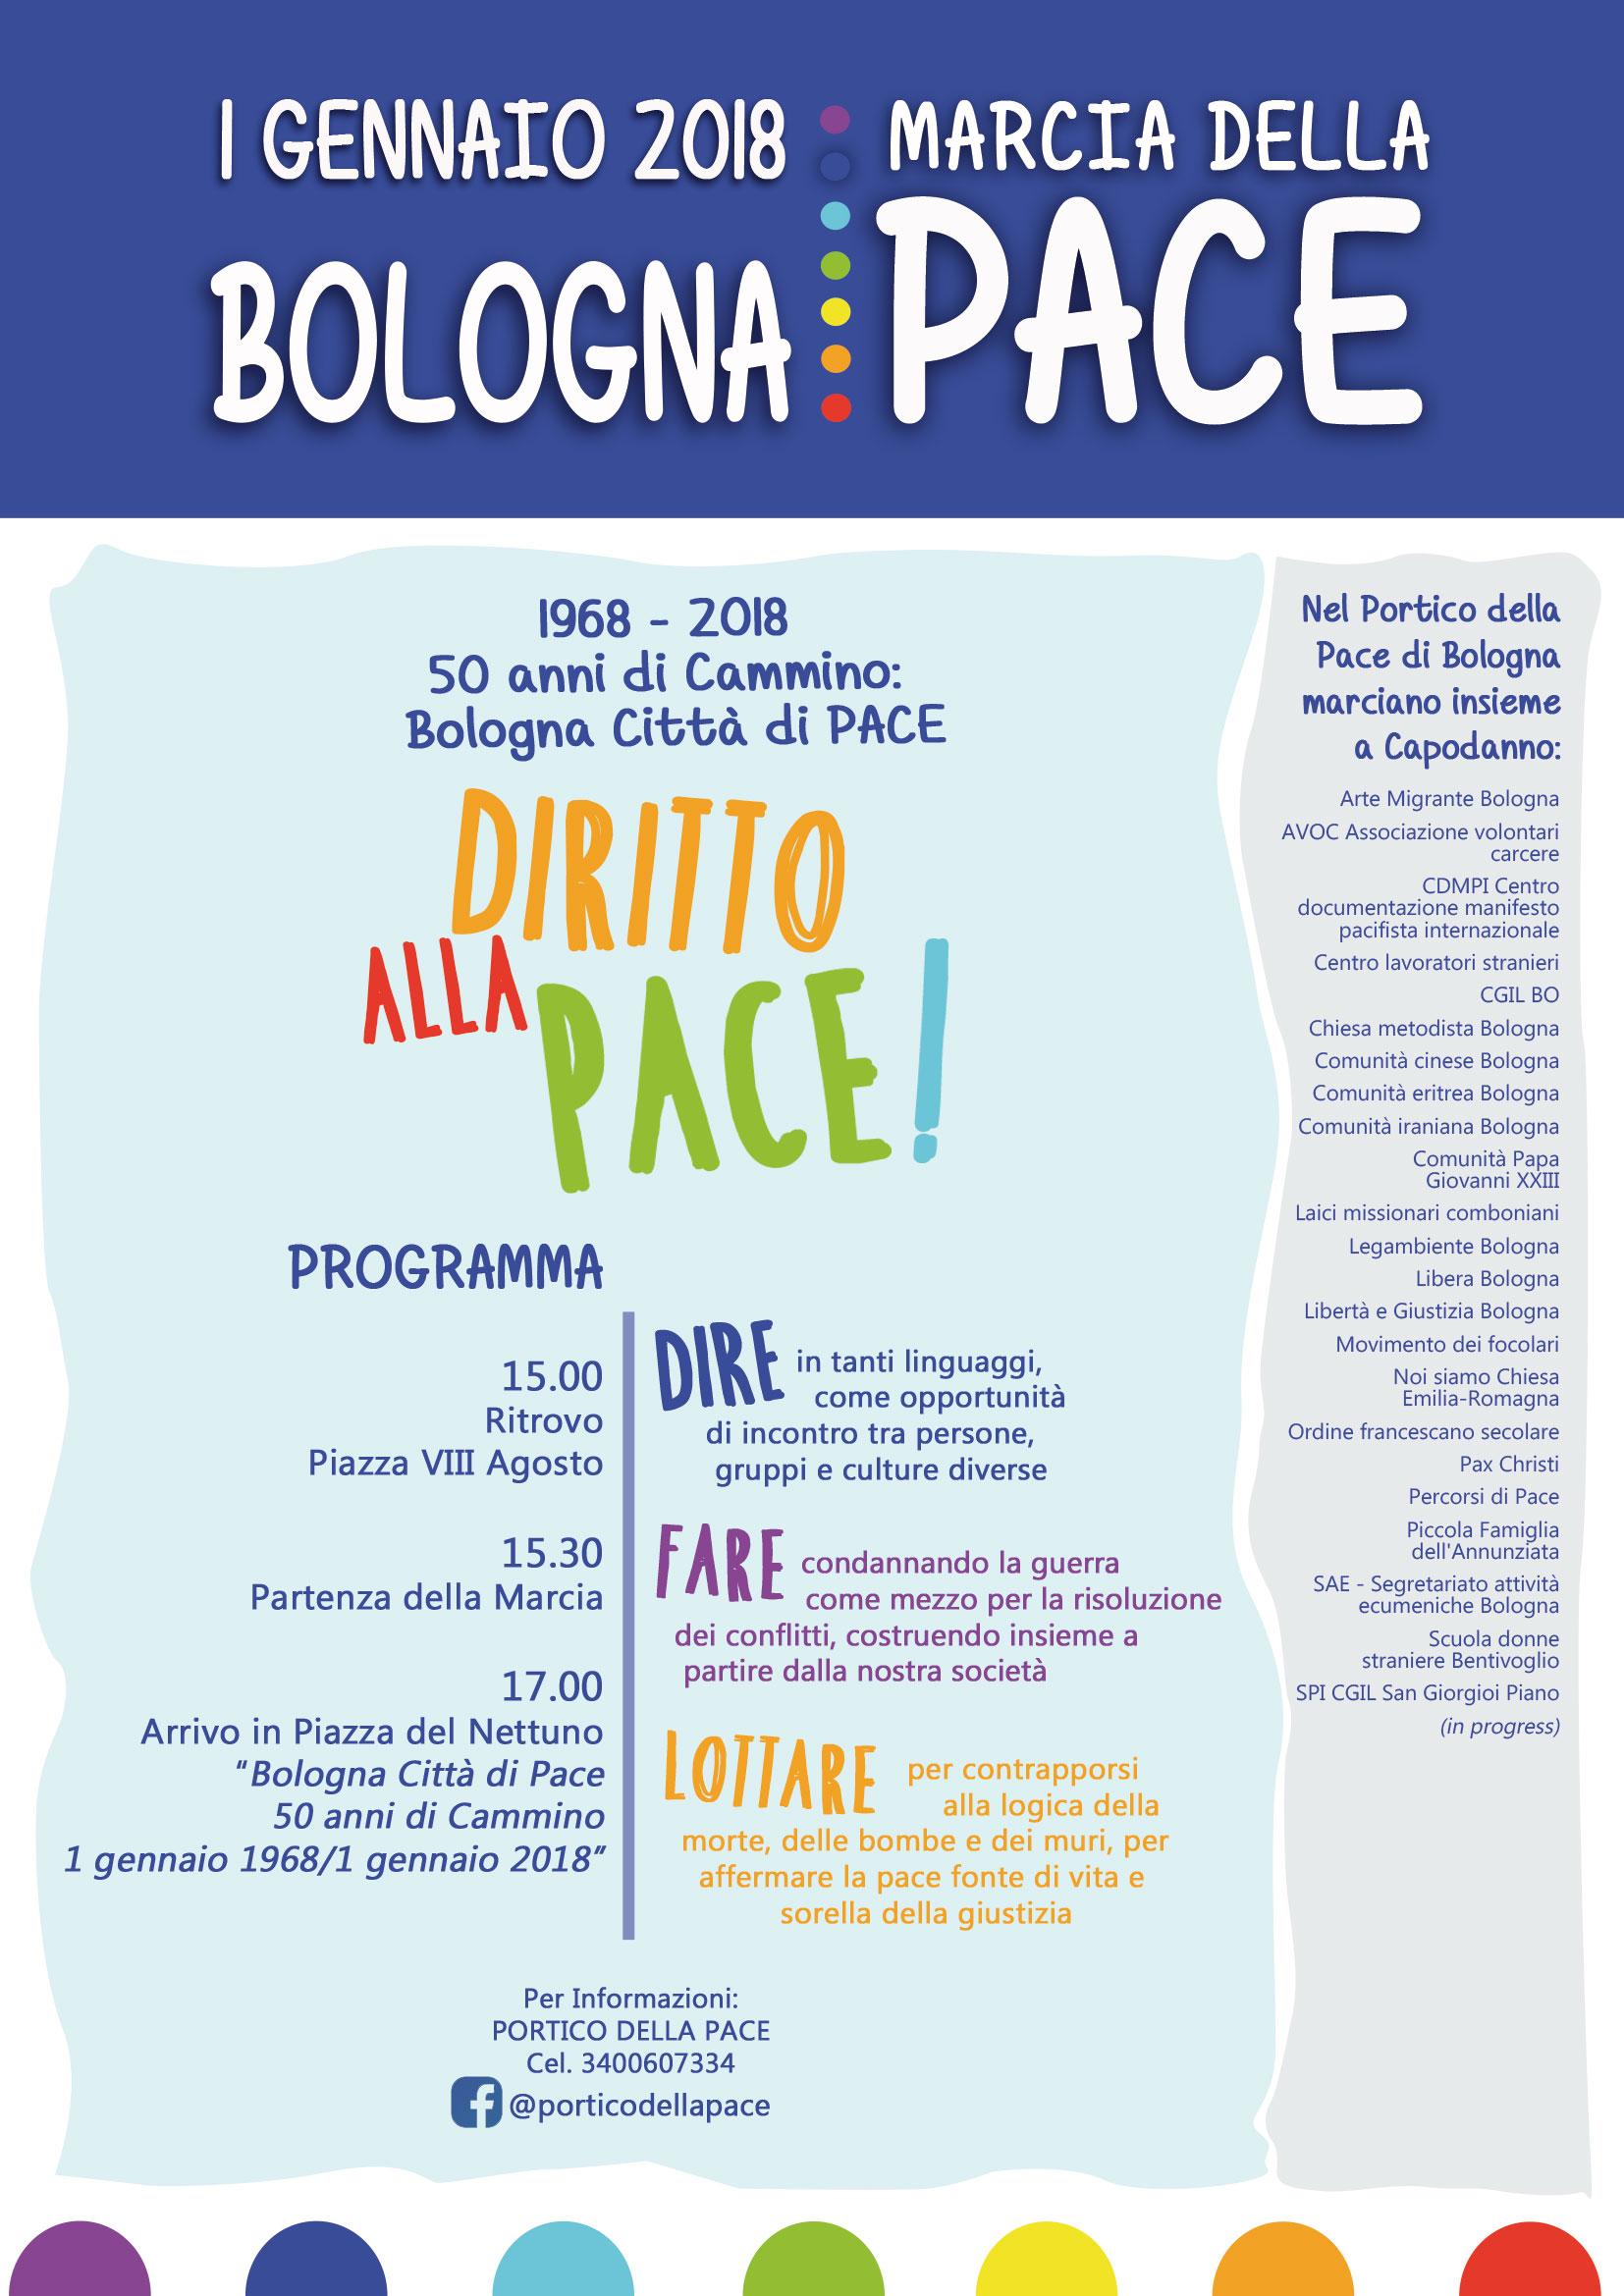 1 gennaio a bologna la marcia della pace for I ministero interno